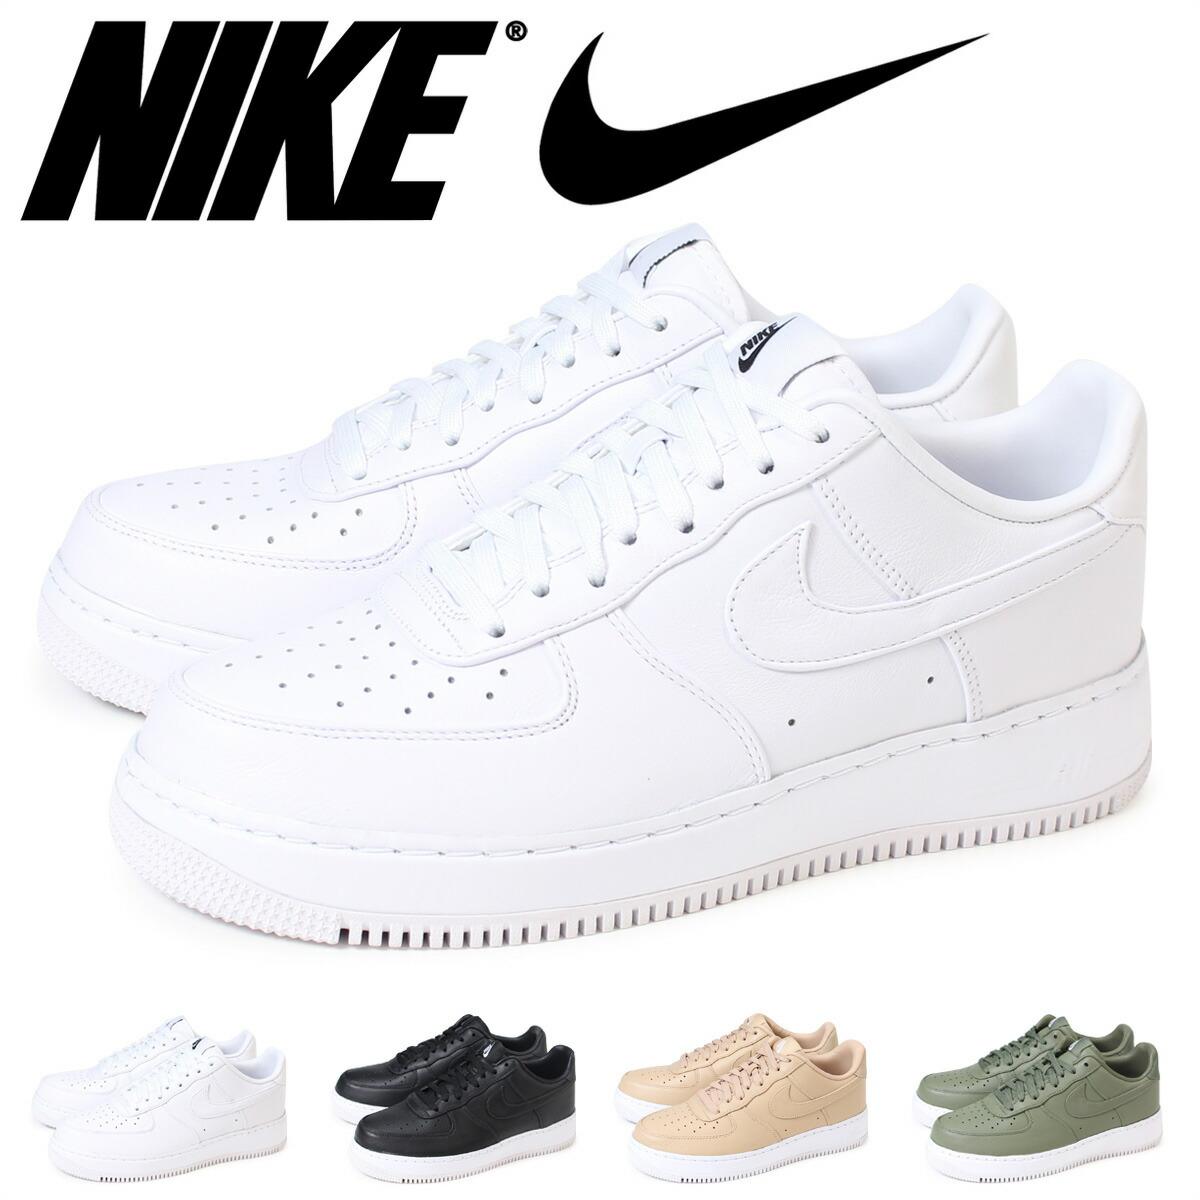 NIKE ナイキナイキ (Nike)  は、アメリカ・オレゴン州に本社を置く、スニーカーやスポーツウェアなどスポーツ関連商品を扱う世界的企業。1968年設立。